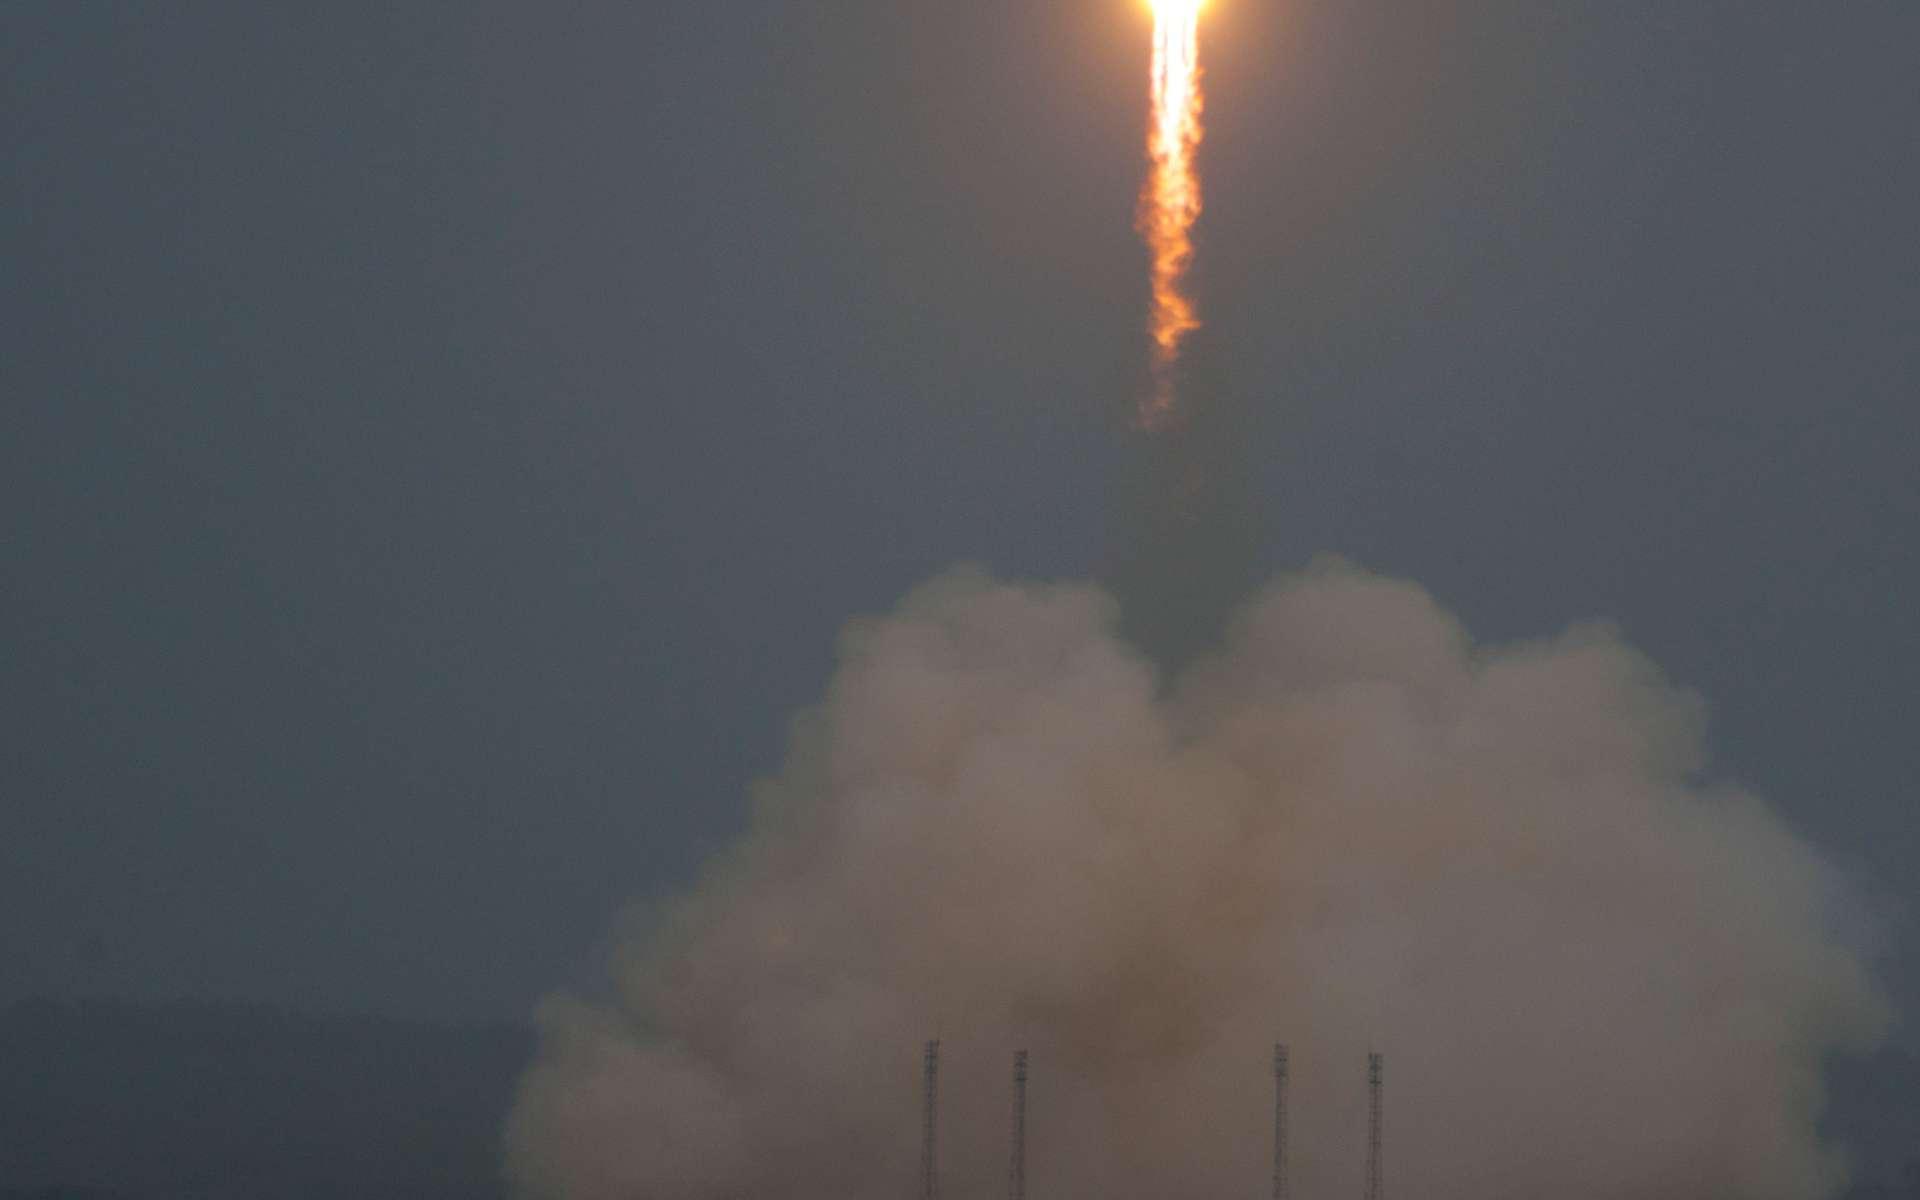 Beau décollage, sous la pluie, du lanceur russe Soyouz. À cause d'une température d'ergols trop élevée pour procéder aux remplissages (oxygène liquide et kérosène), son lancement avait été reporté de 24 heures. Le prochain tir est prévu en décembre avec le lancement du premier des deux satellites de la constellation Pléiades d'Astrium. © Esa/S. Corvaja, 2011